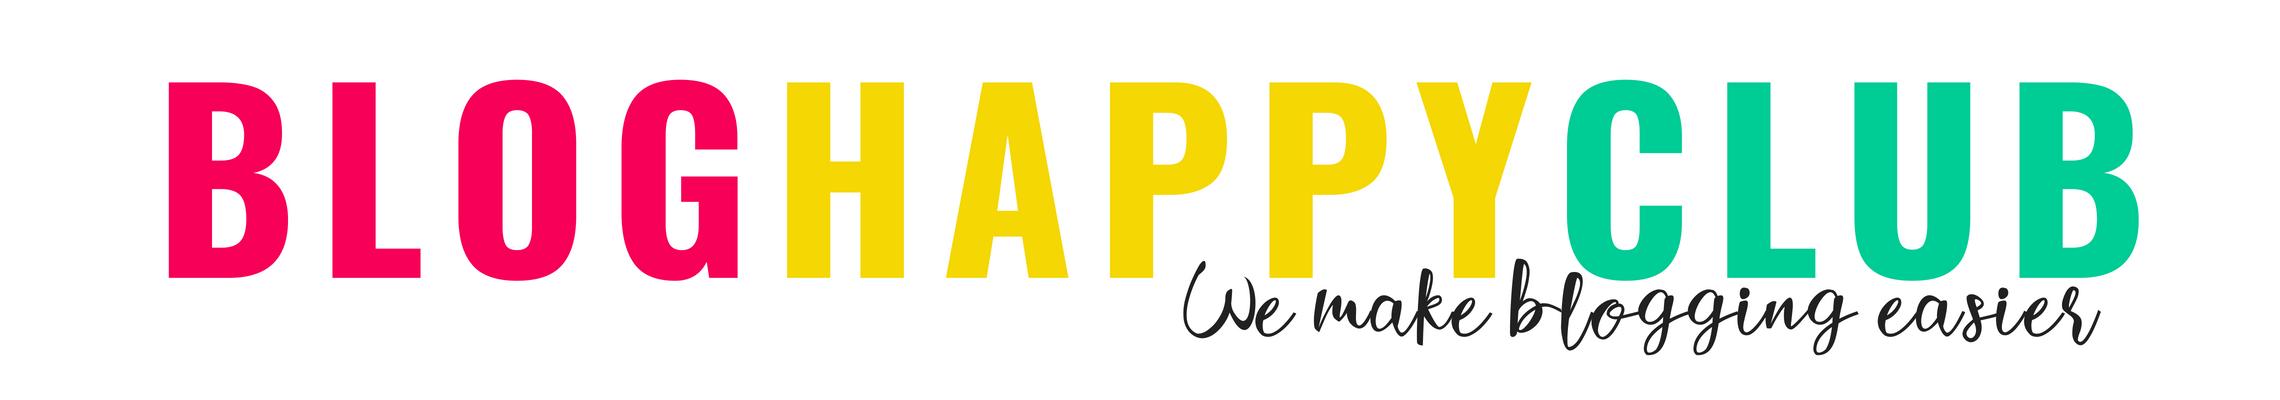 Blog Happy Club